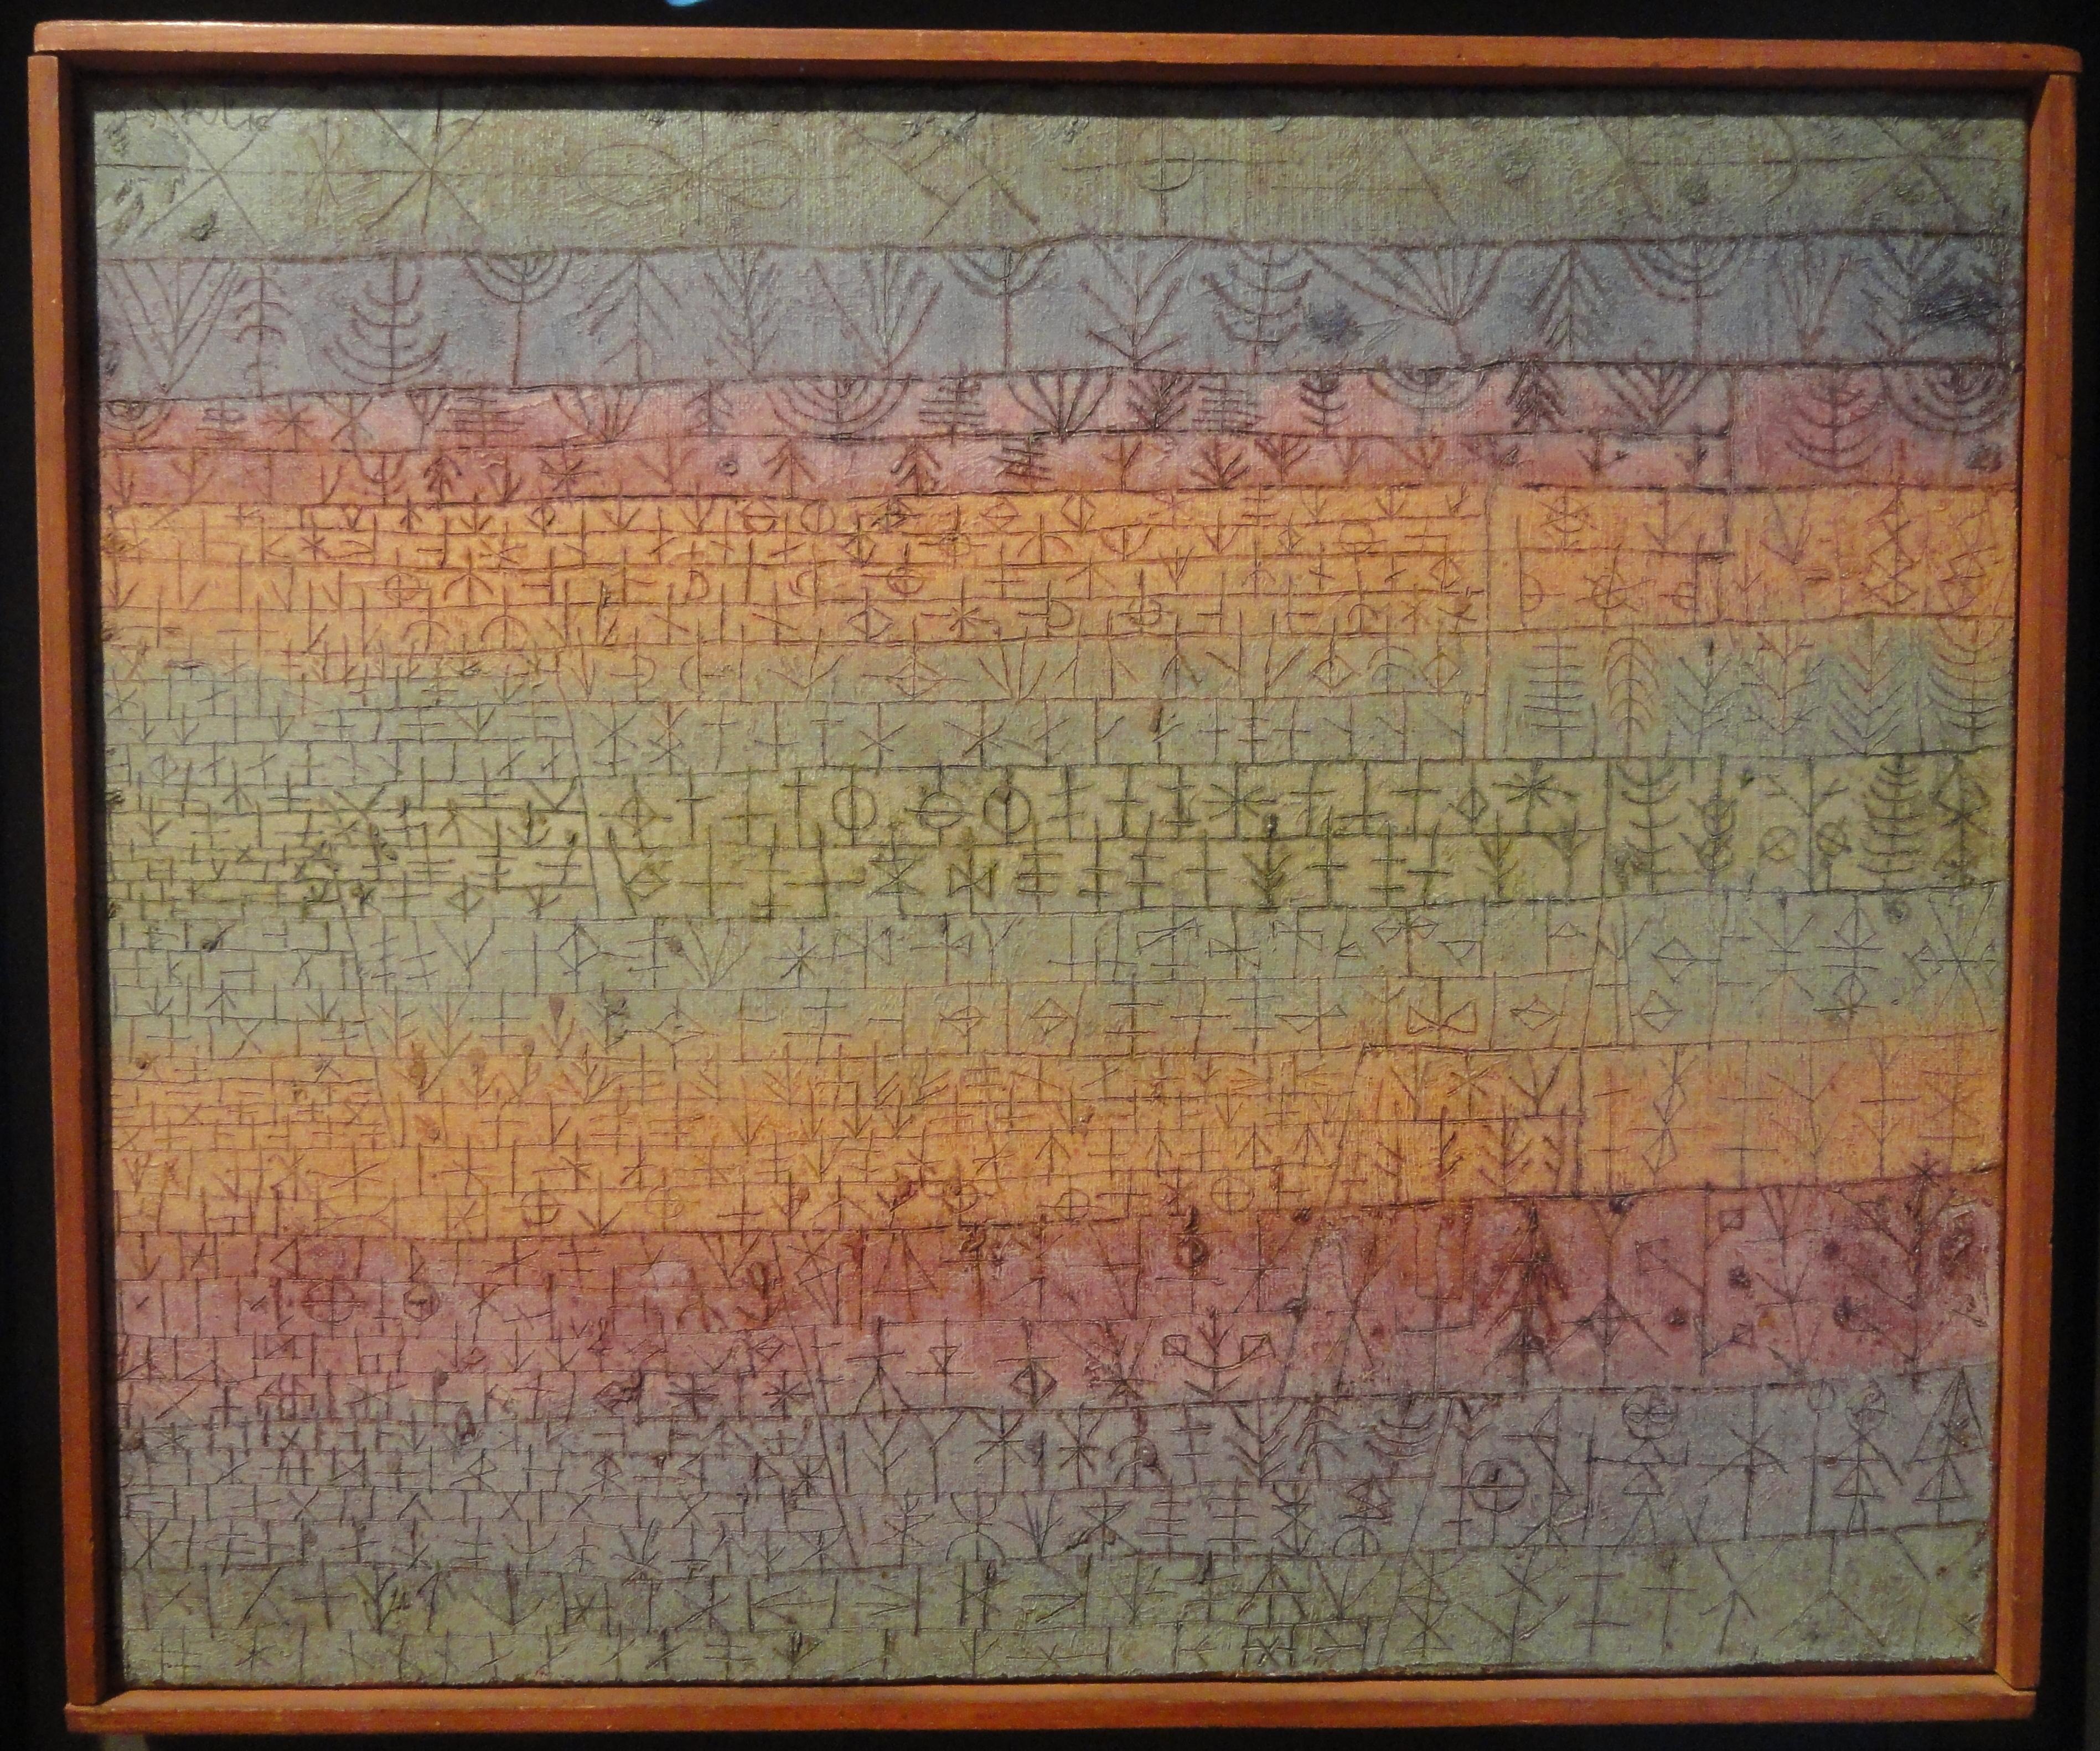 File Tree Nursery Paul Klee 1929 Oil On Incised Gesso Canvas